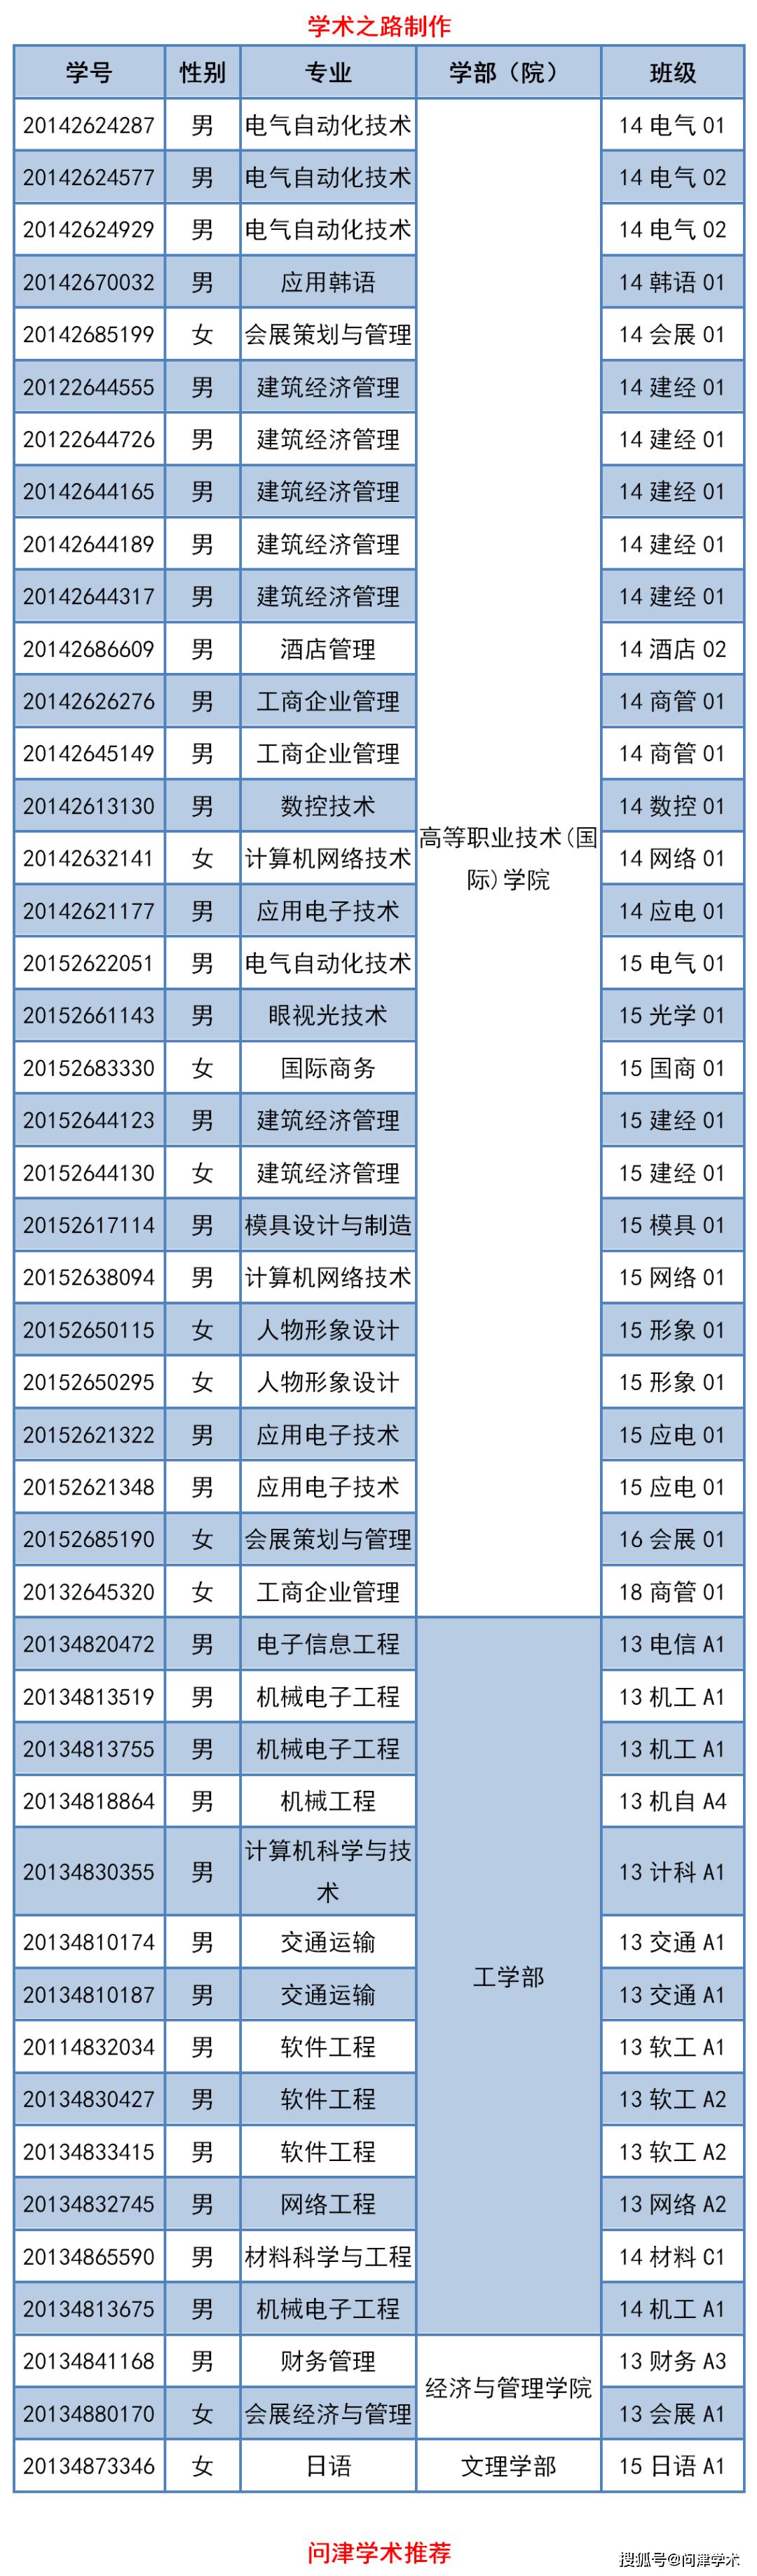 张**等45名学生被学校批准在校时间超过我校规定